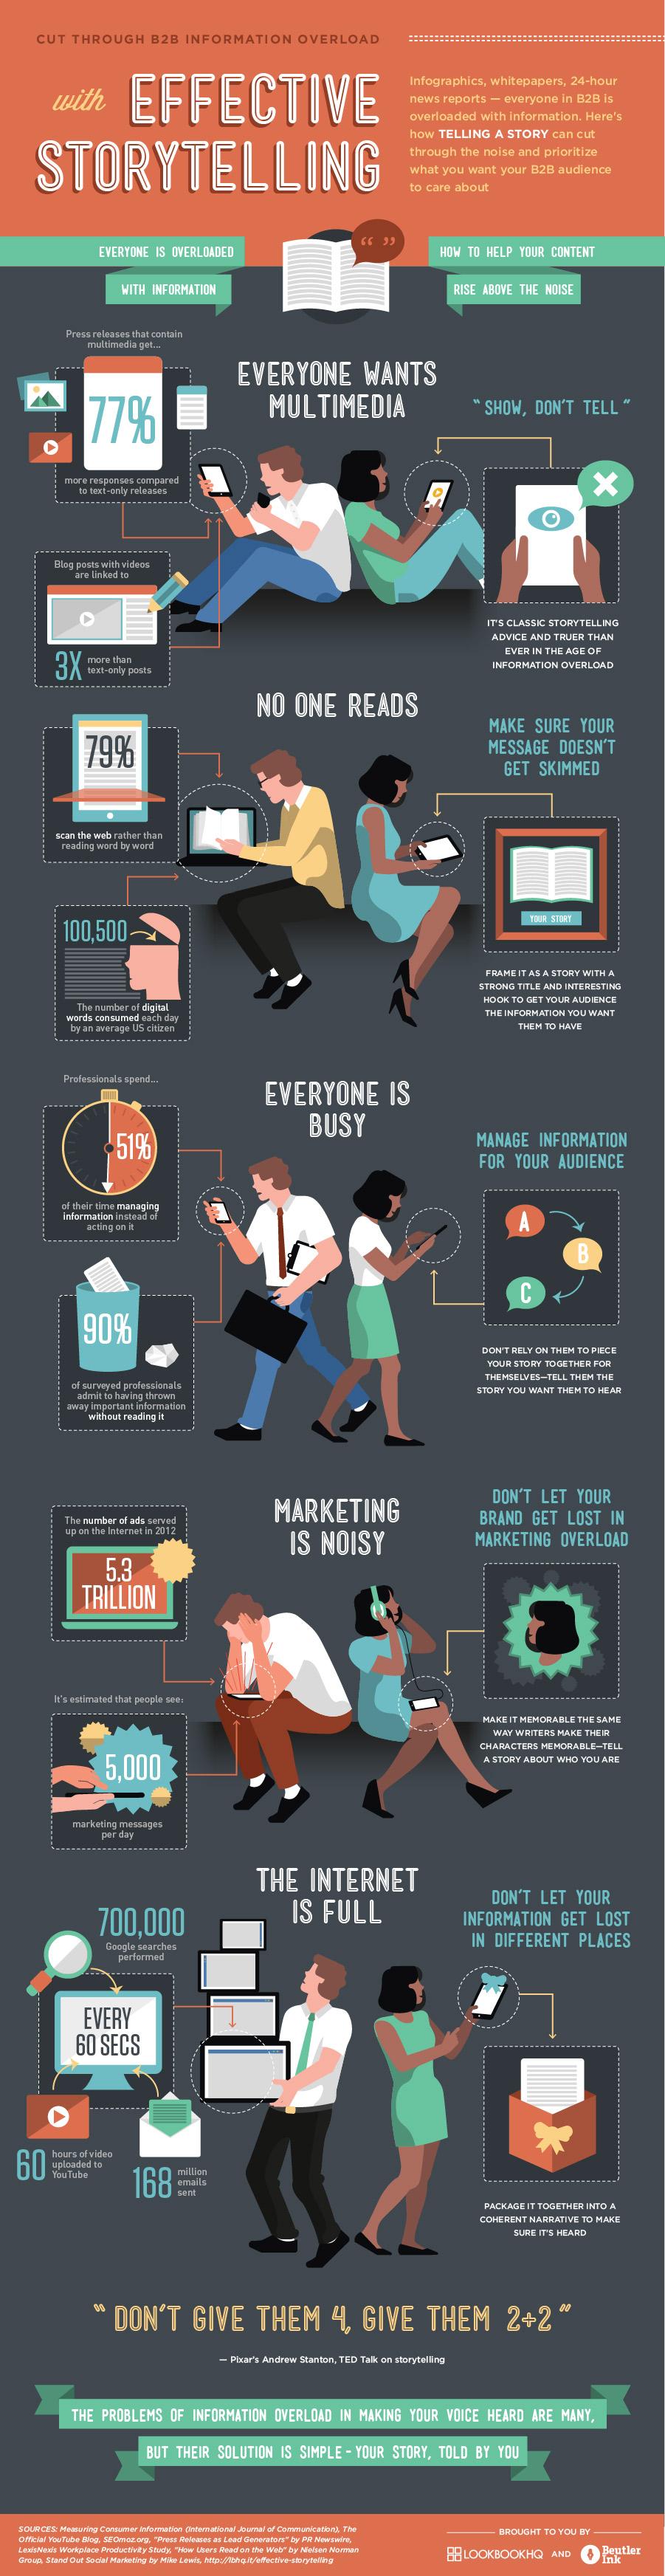 storytelling_infographic.jpg